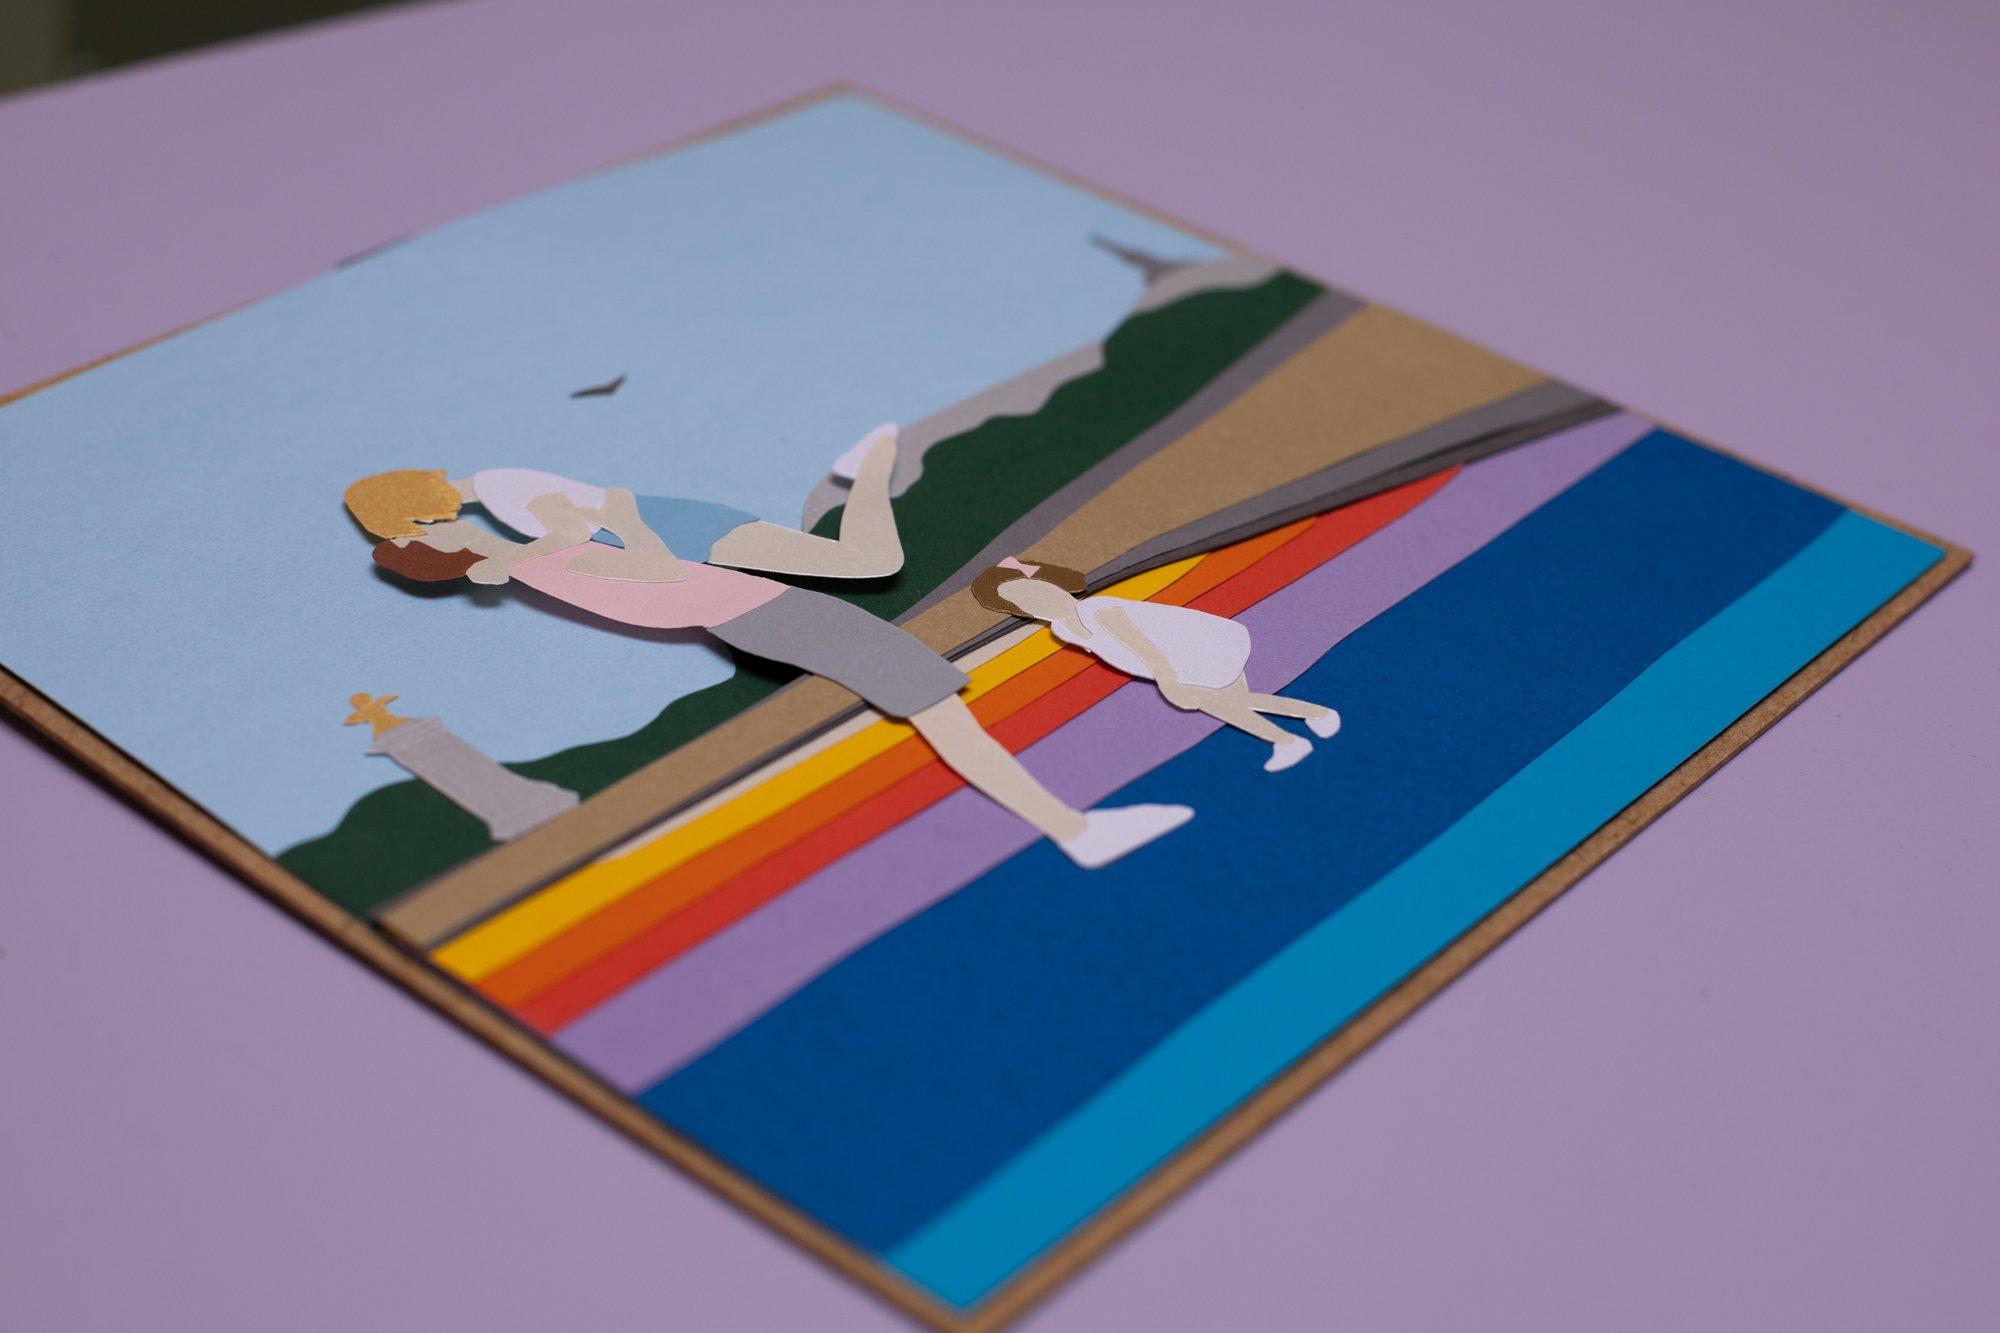 idée cadeau personnalisé, les illustrations en papier découpé Laure devenelle